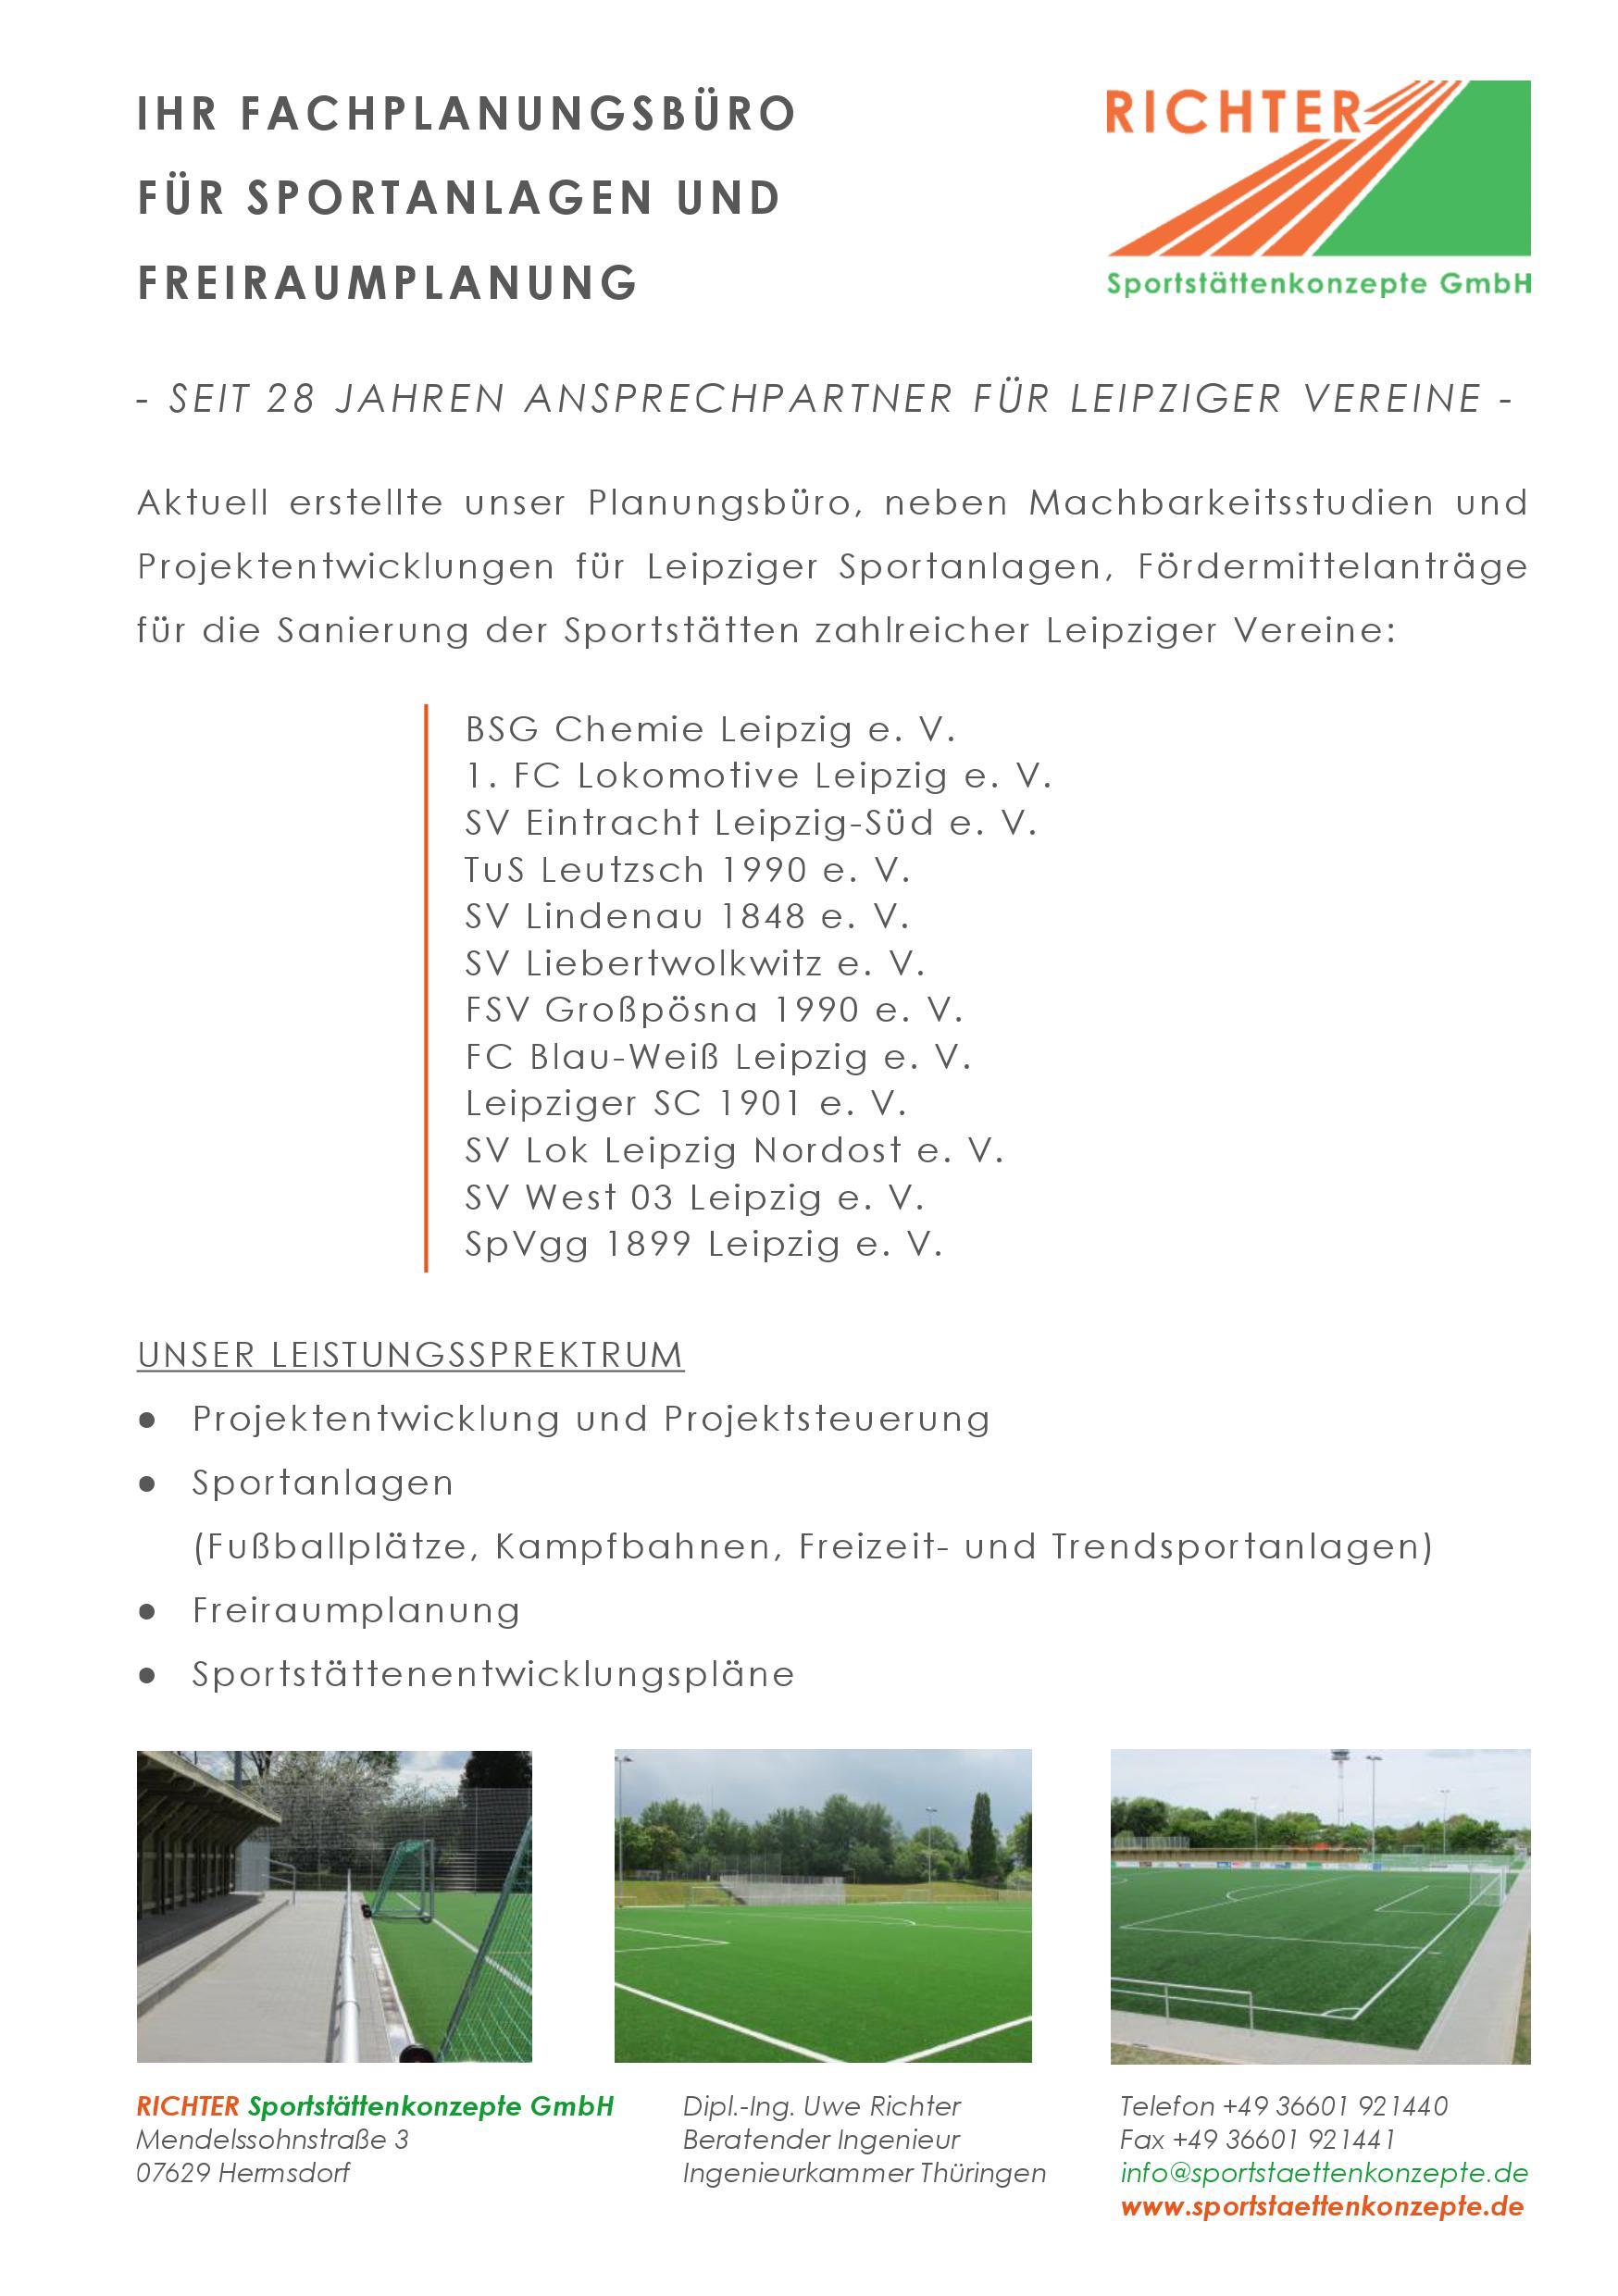 Anzeige Richter FVSL 2018-2019